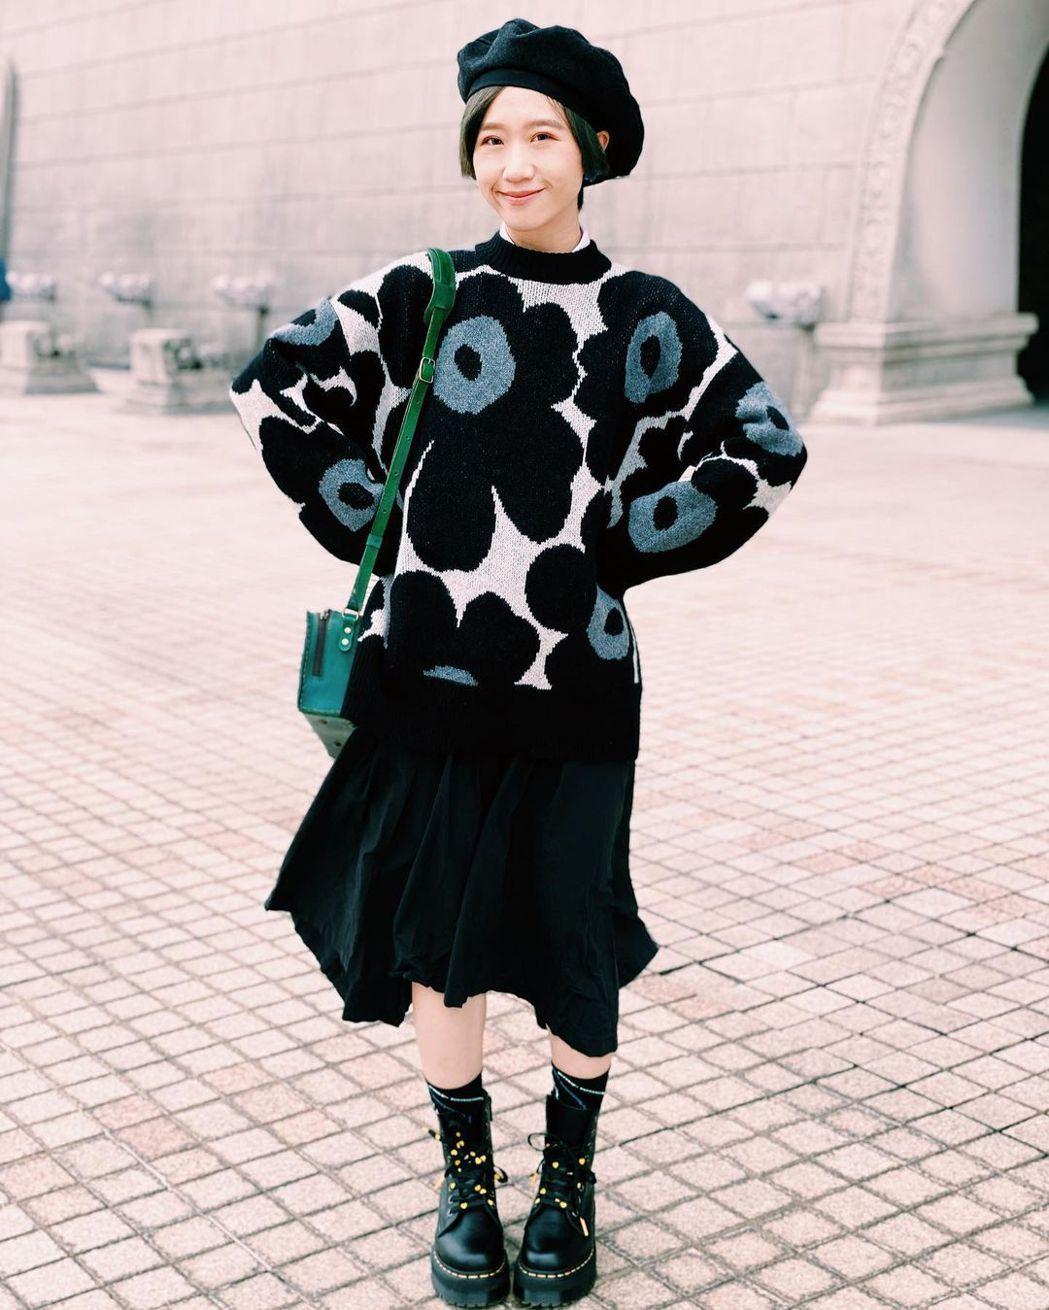 Lulu未來將與陳鎮川合作發展演藝事業。圖/擷自IG